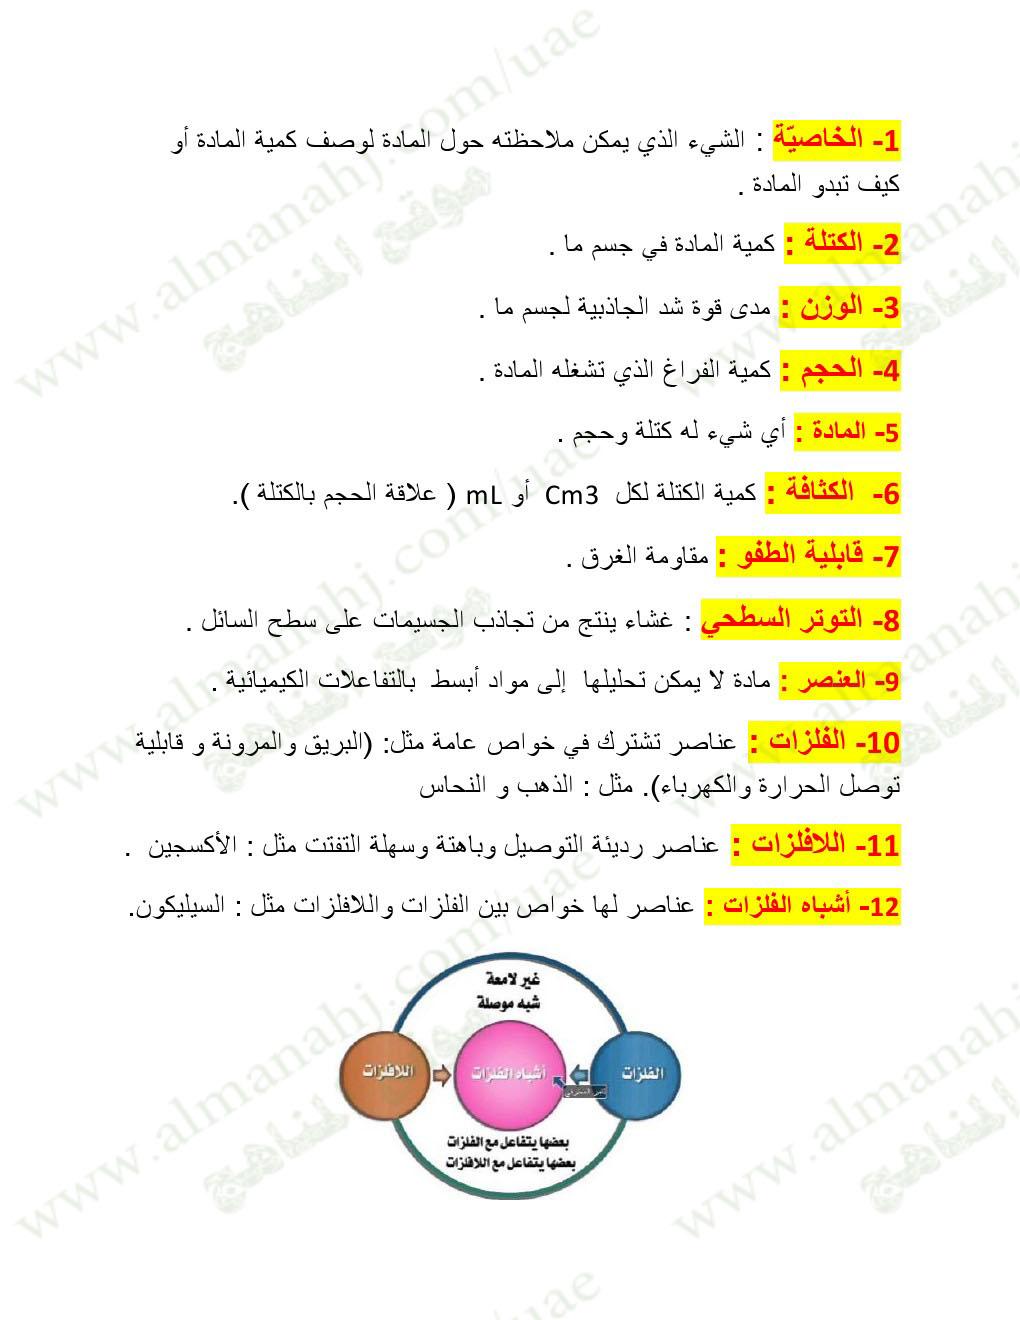 ملخص درس خواص المادة و العناصر في مادة العلوم للصف الخامس الفصل الثاني 2019